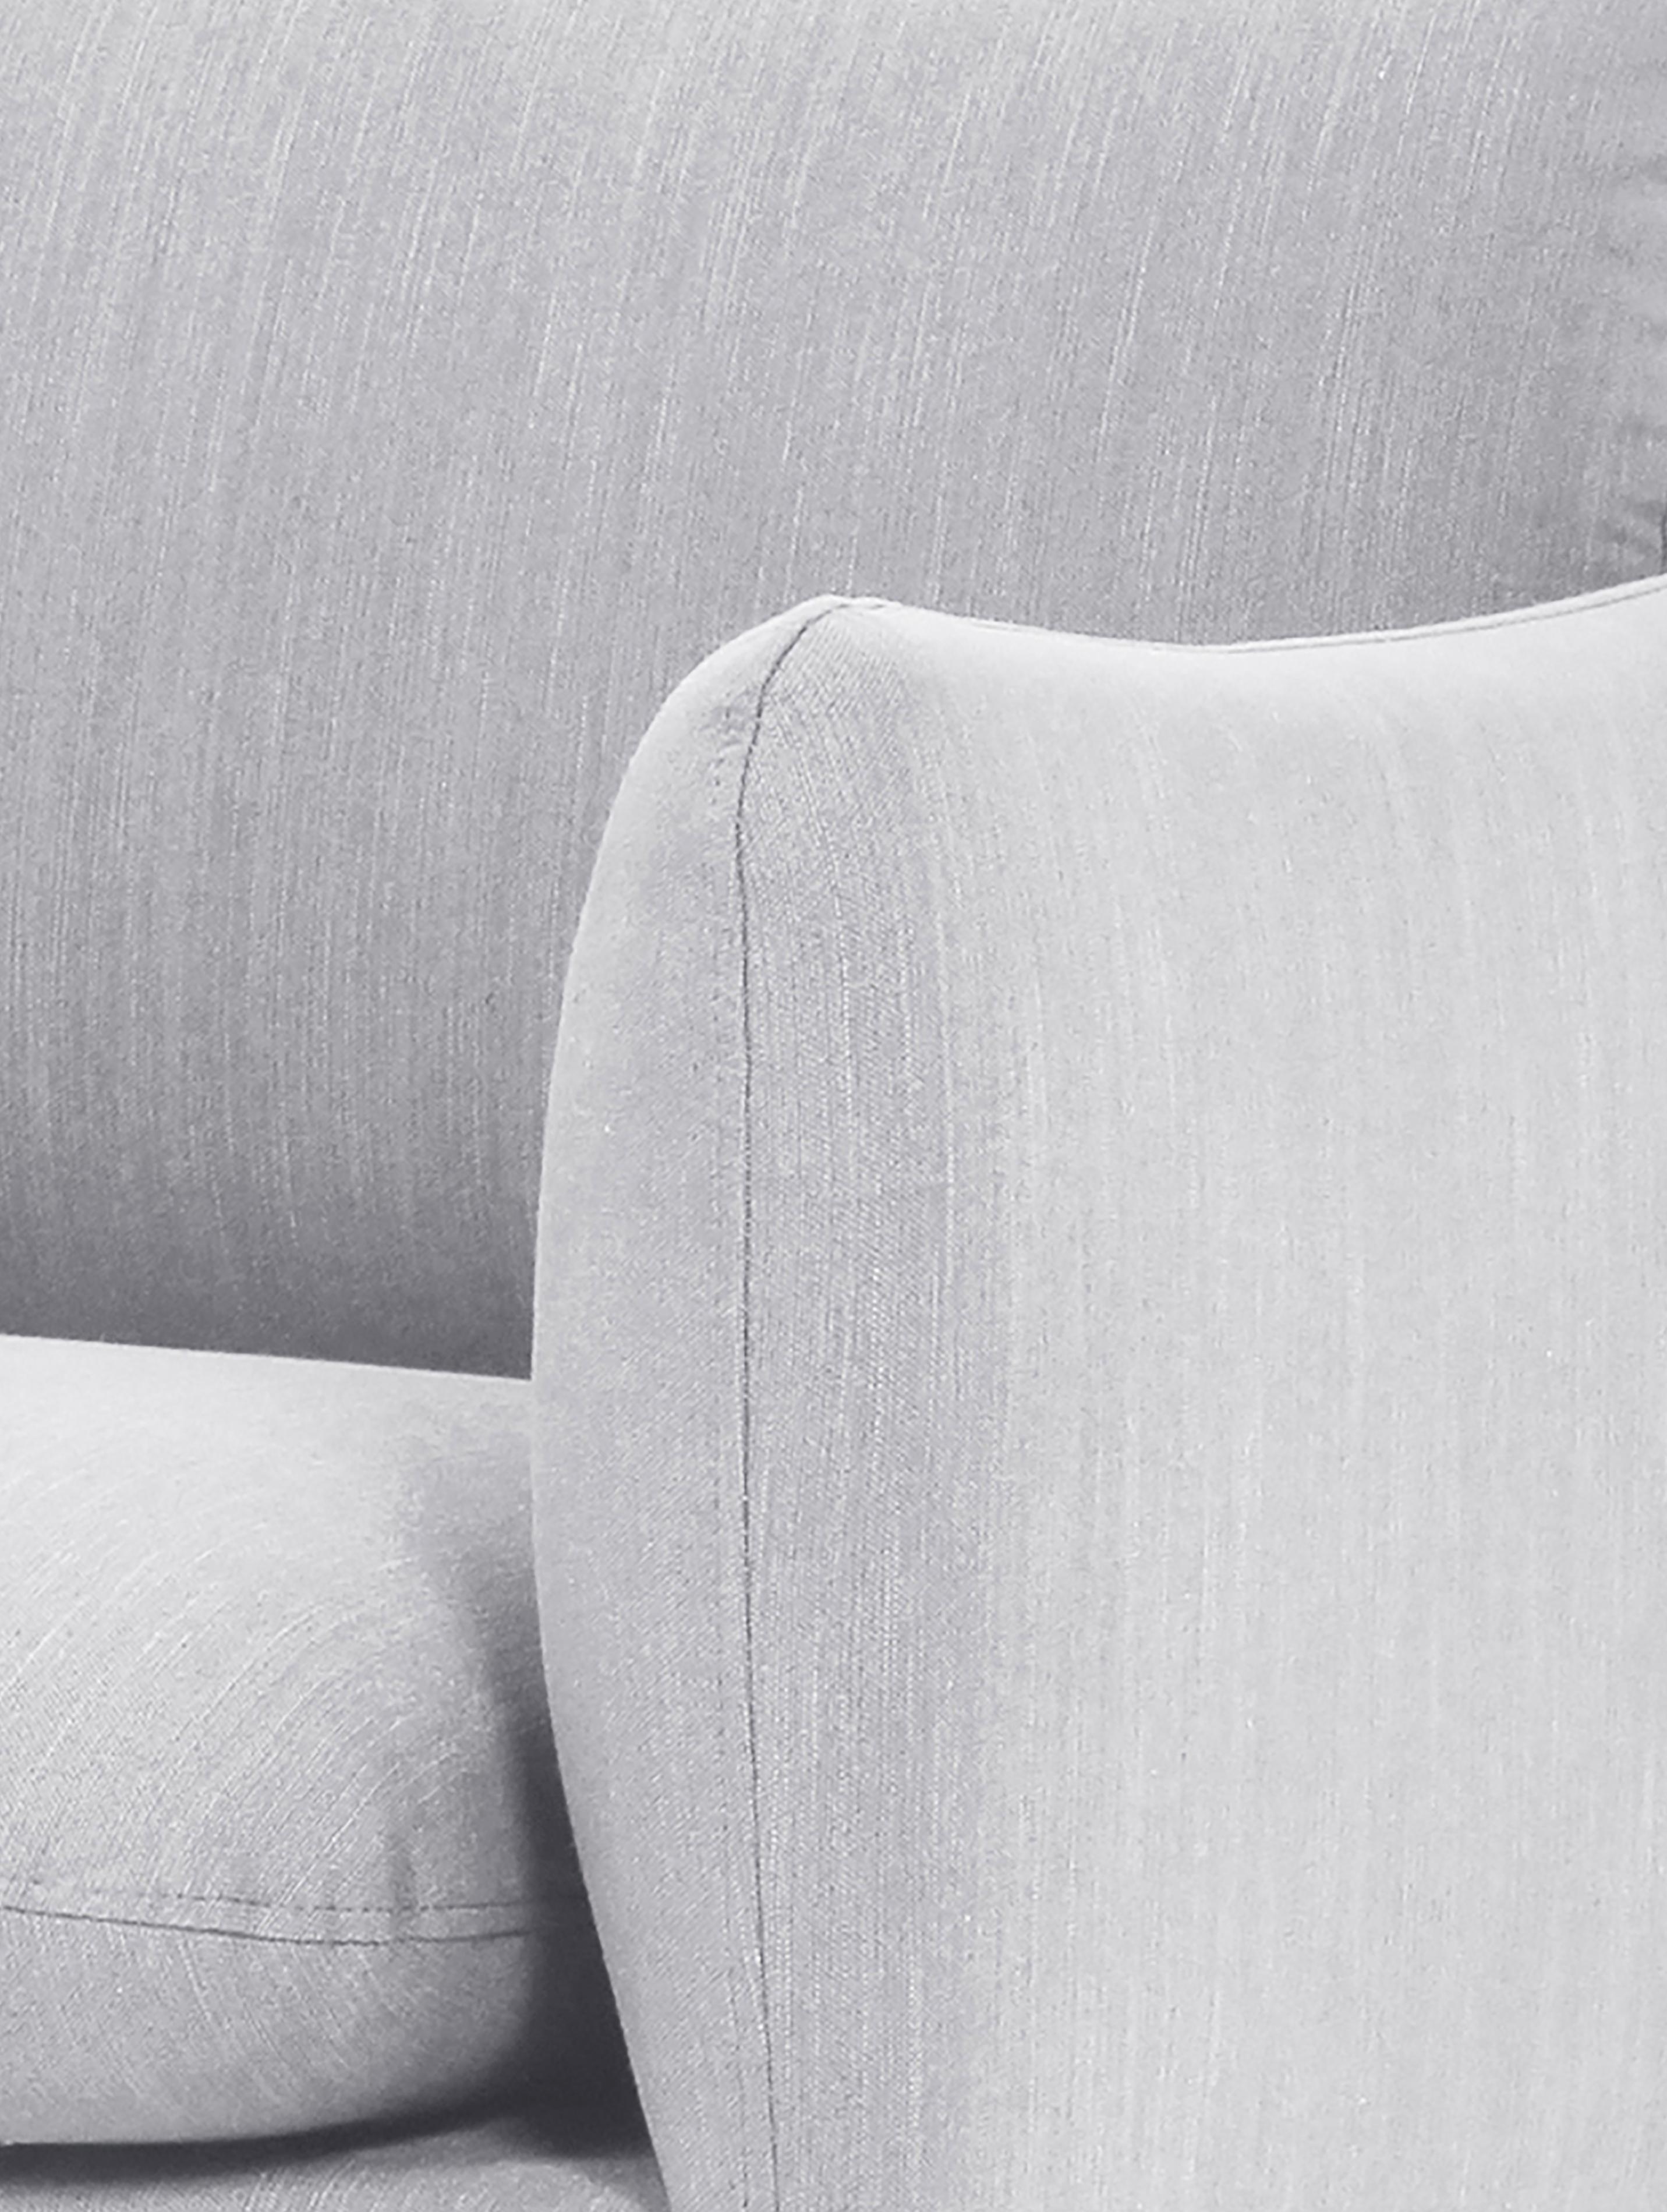 Sofa narożna Moby, Tapicerka: poliester 60000 cykli w , Stelaż: lite drewno sosnowe, Nogi: metal malowany proszkowo, Jasny szary, S 280 x G 160 cm